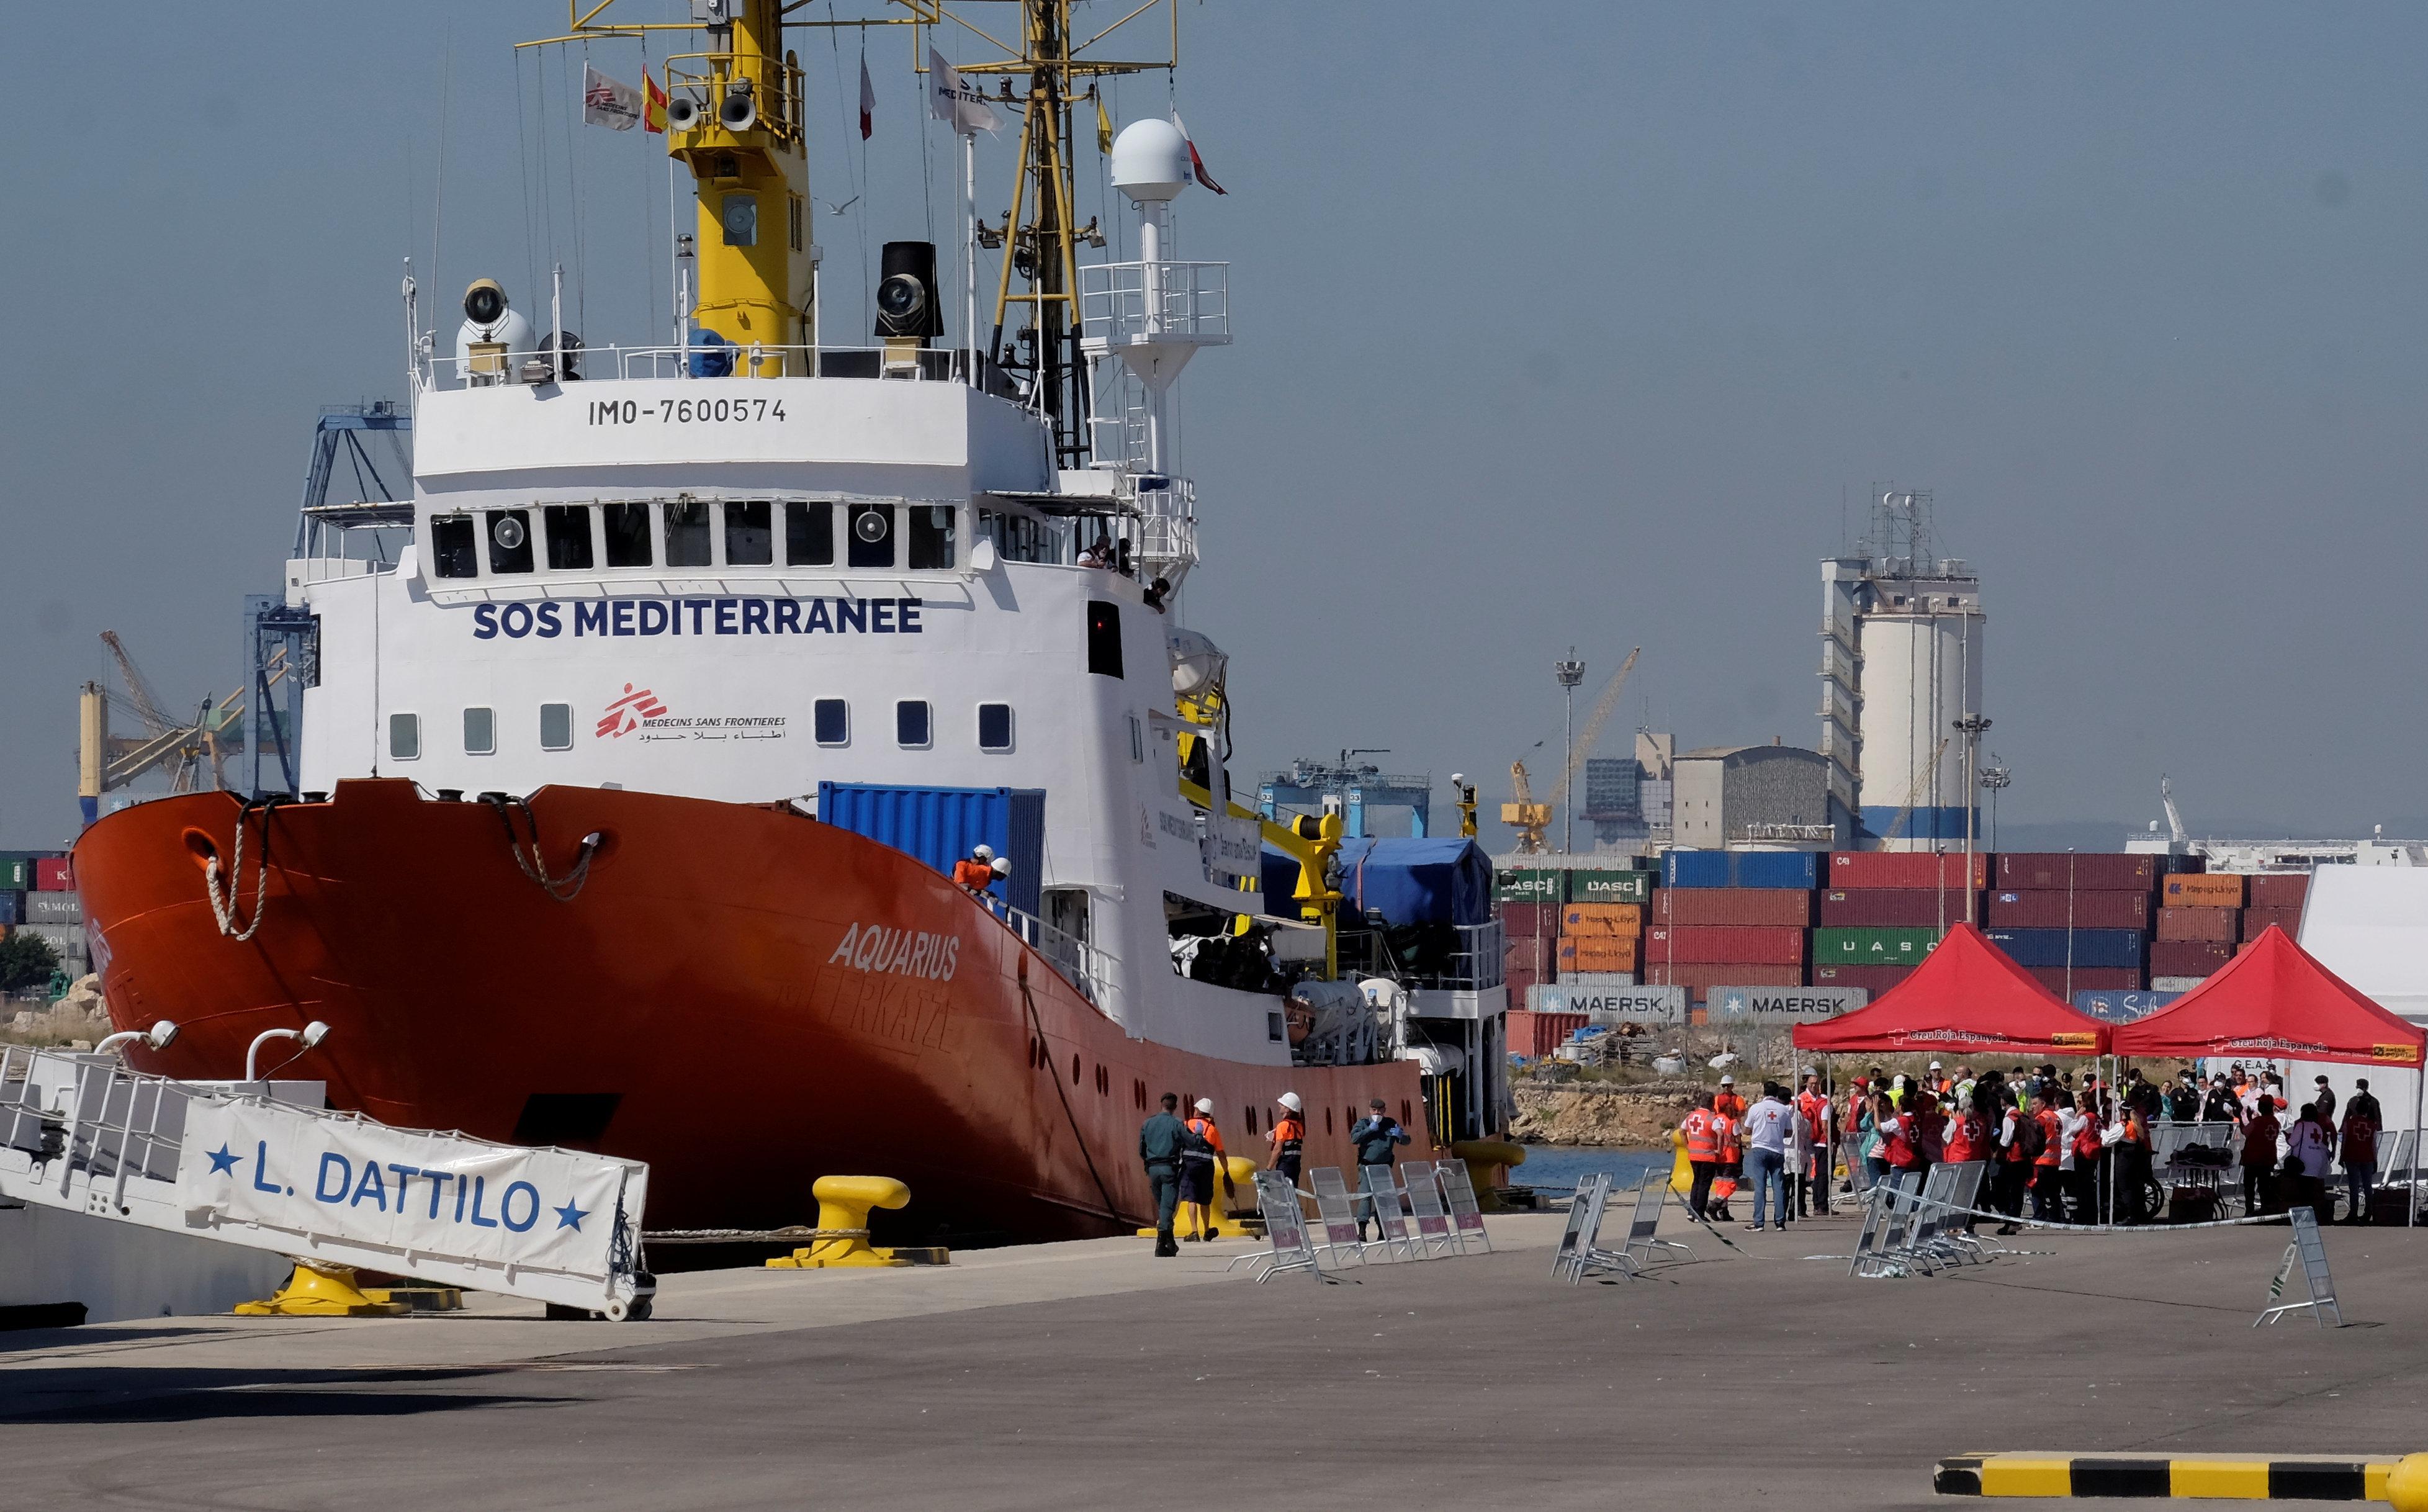 이탈리아와 미국의 비인도적 '난민거부' 조치가 비판받고 있다